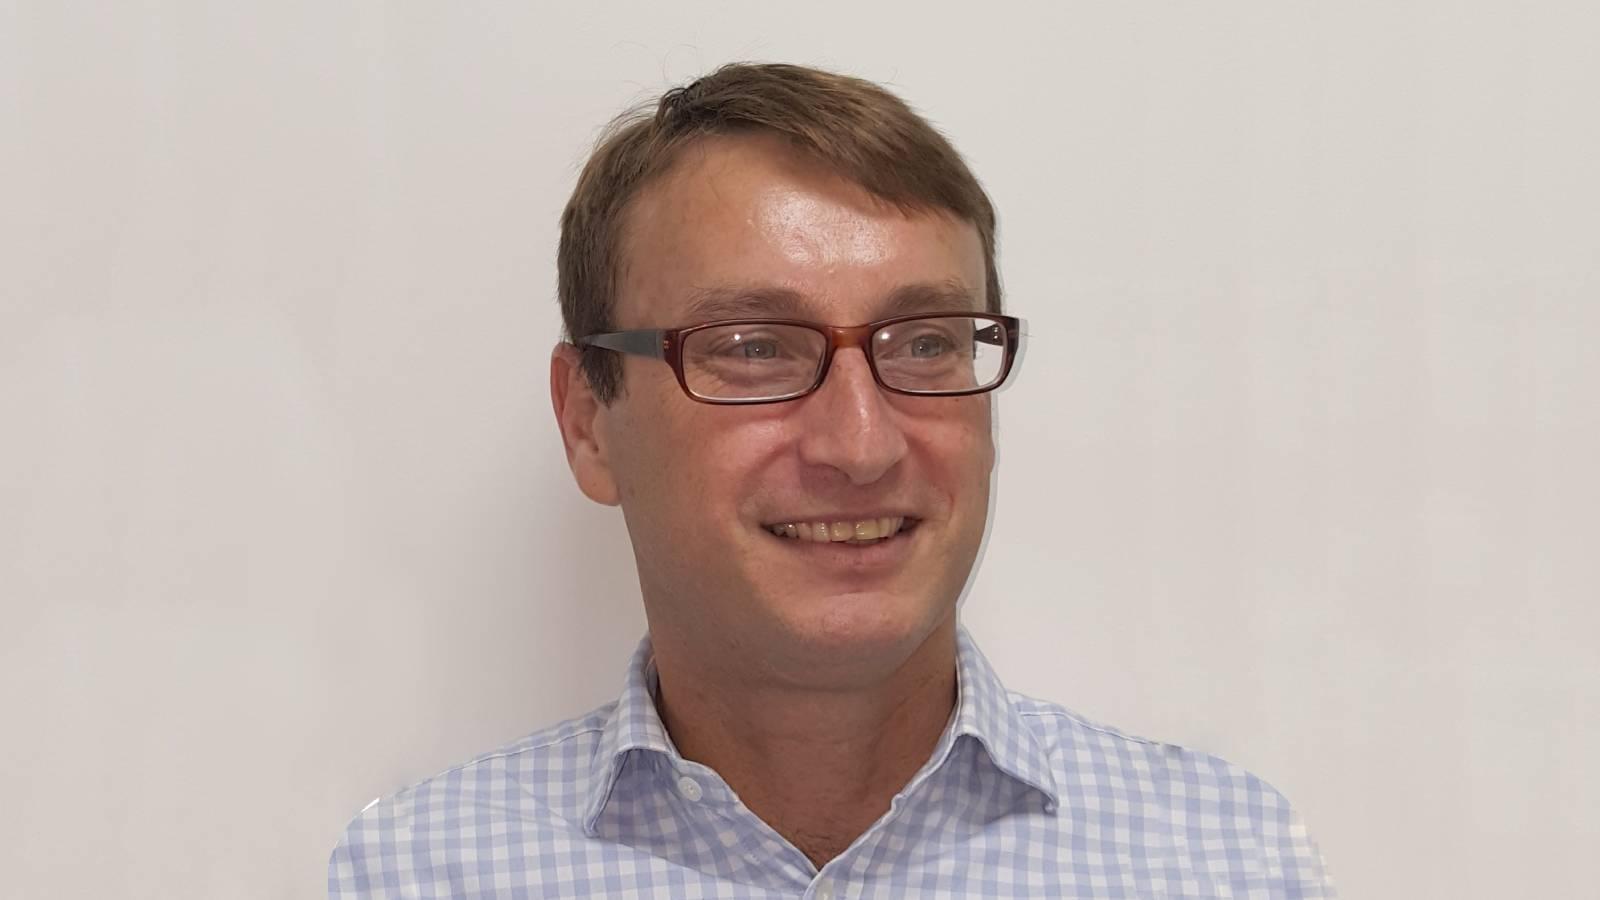 David Baker, AXA UK&I Chief Risk Officer